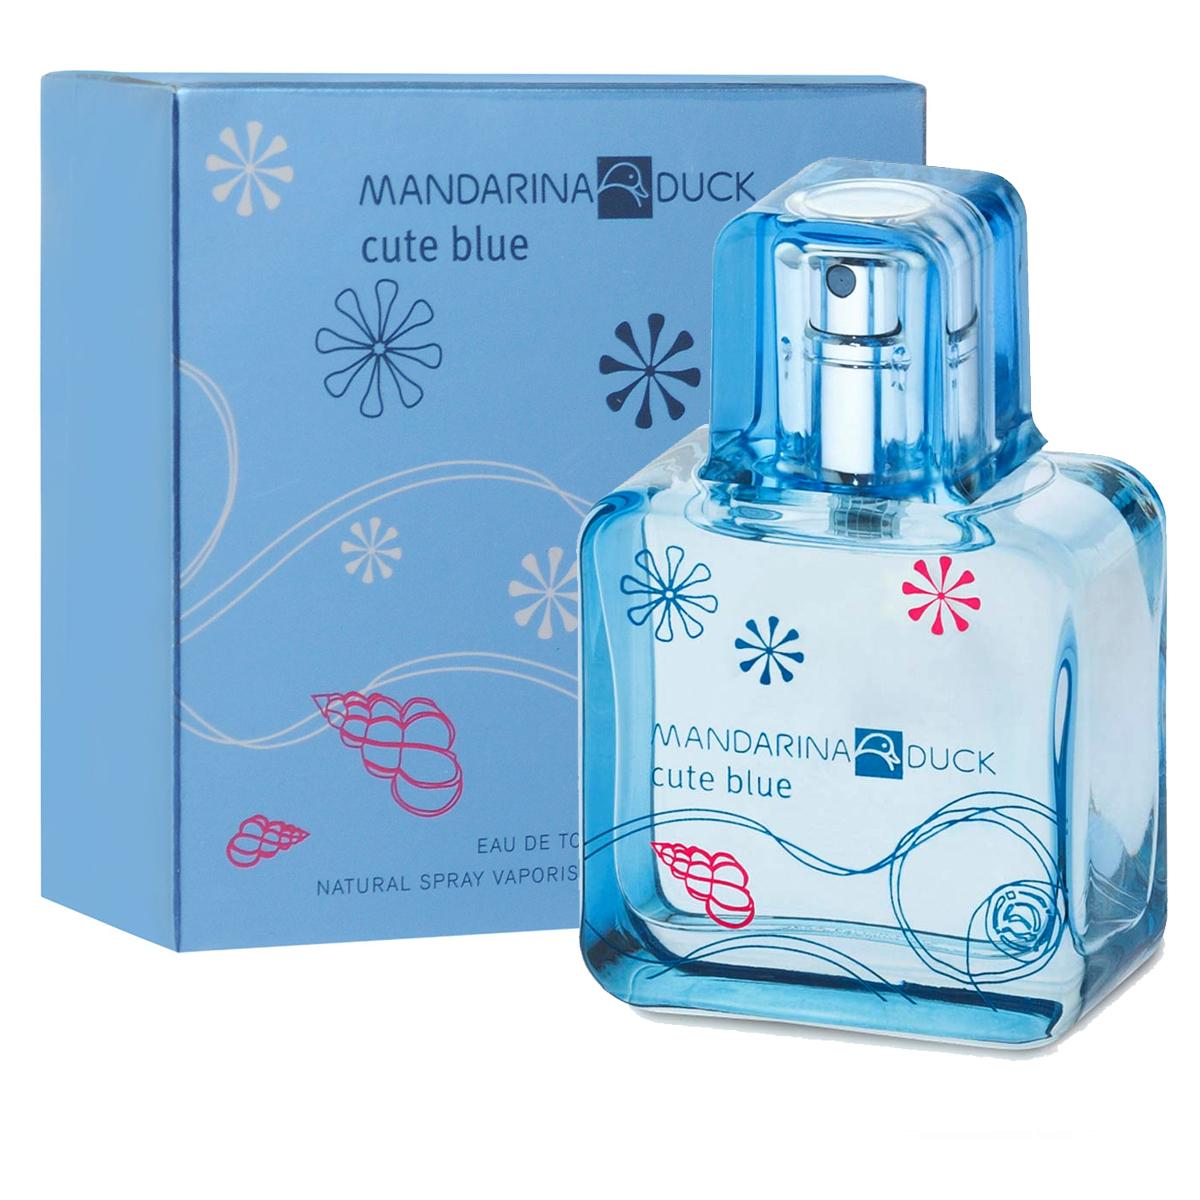 Mandarina Duck Туалетная вода Cute Blue, женская, 30 мл47102Туалетная вода Cute Blue от Mandarina Duck - свежий водный и цветочно-фруктовый аромат для тех, кто любит природу и открытое пространство. Древесная теплота базовых нот гармонизирует это парфюмерное творение.Освежающий аромат тысячи лепестков, парящих в воздухе…Аромат счастья, витающего в светлом голубом небе.Лотос, магнолия и цветы грейпфрута соединяются с игривым имбирем и нотами росы.Вуаль белого мускуса, серой амбры и кедра наполняет аромат нежным сексуальным шлейфом…Классификация аромата: свежий, цветочно-фруктовый.Пирамида аромата:Верхние ноты: цветы грейпфрута, бергамот, голубой лотос.Ноты сердца: свежий имбирь, магнолия, воздушная дымка.Ноты шлейфа: масло техасского кедра, серая амбра, белый мускус.Ключевые словаЛегкий, свежий, сексуальный!Туалетная вода - один из самых популярных видов парфюмерной продукции. Туалетная вода содержит 4-10%парфюмерного экстракта. Главные достоинства данного типа продукции заключаются в доступной цене, разнообразии форматов (как правило, 30, 50, 75, 100 мл), удобстве использования (чаще всего - спрей). Идеальна для дневного использования. Товар сертифицирован.